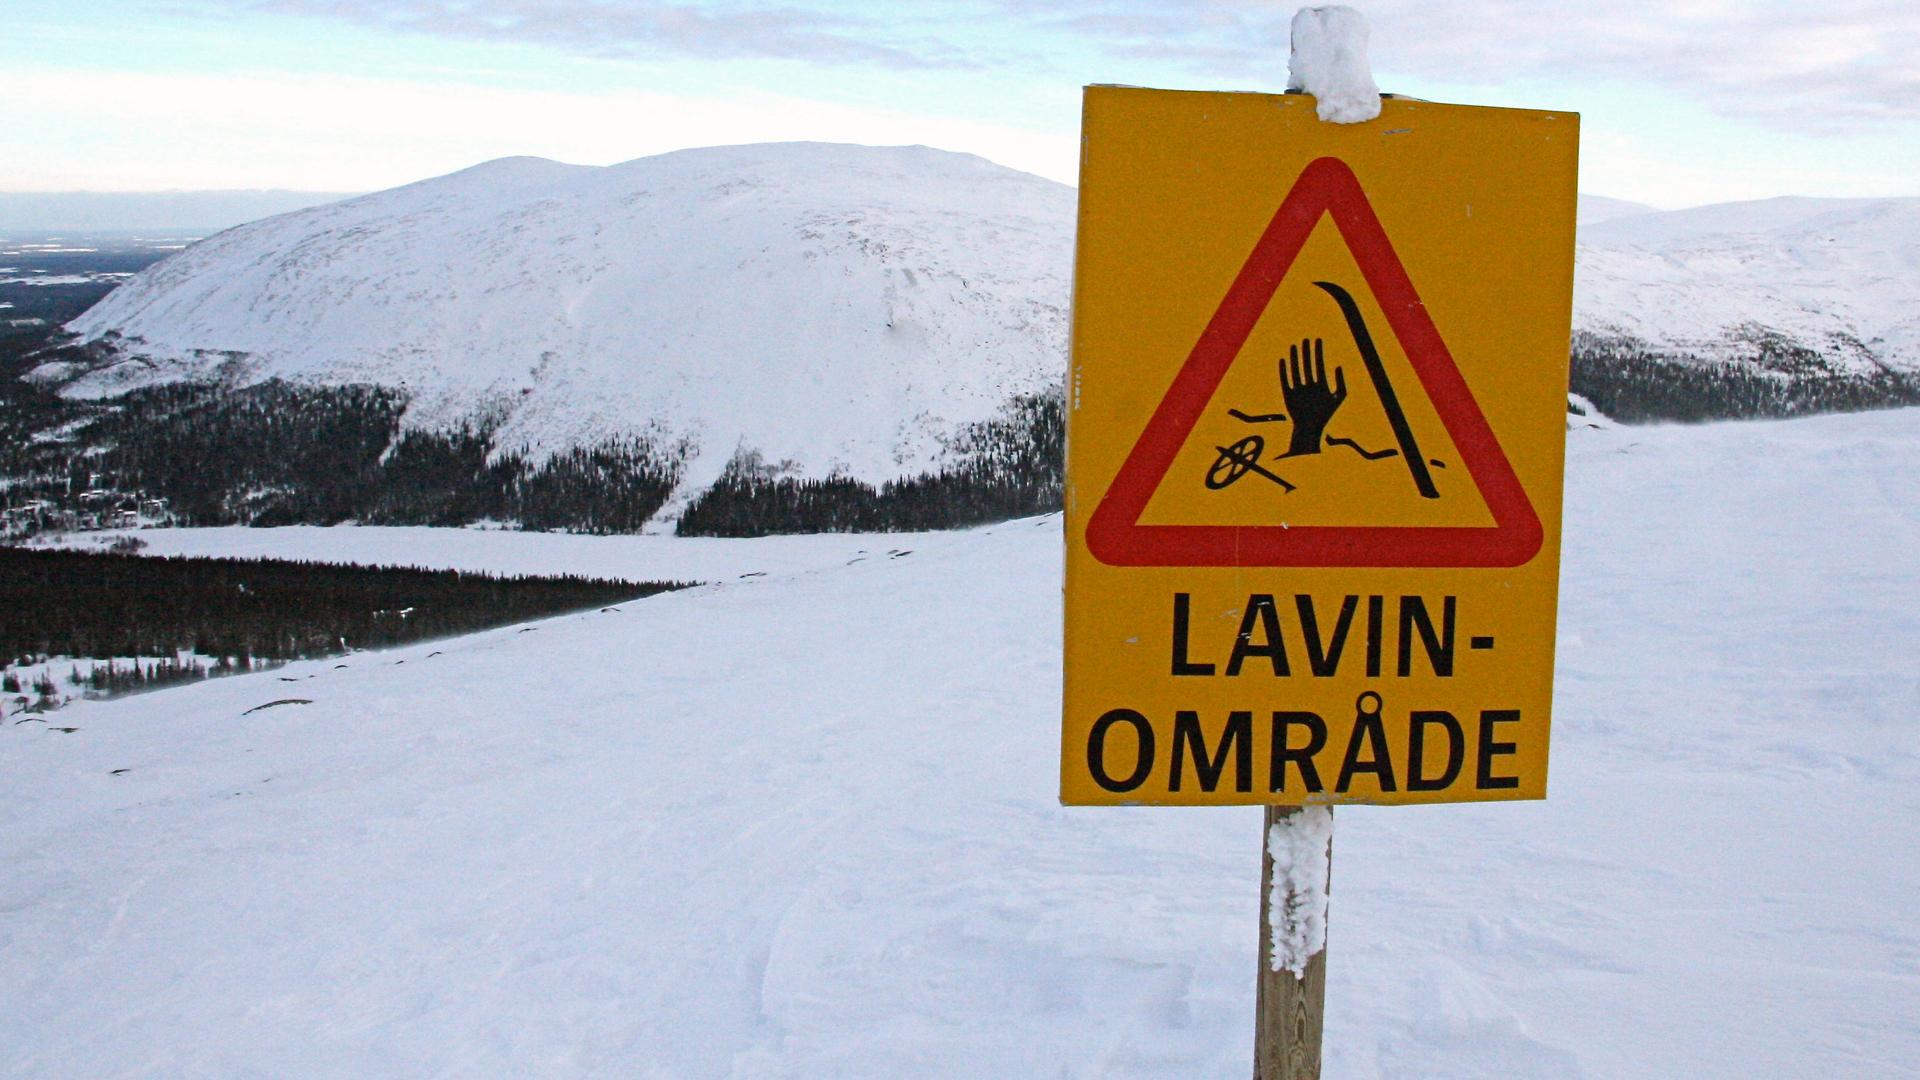 Stor fara för laviner och varning för hårda vindar